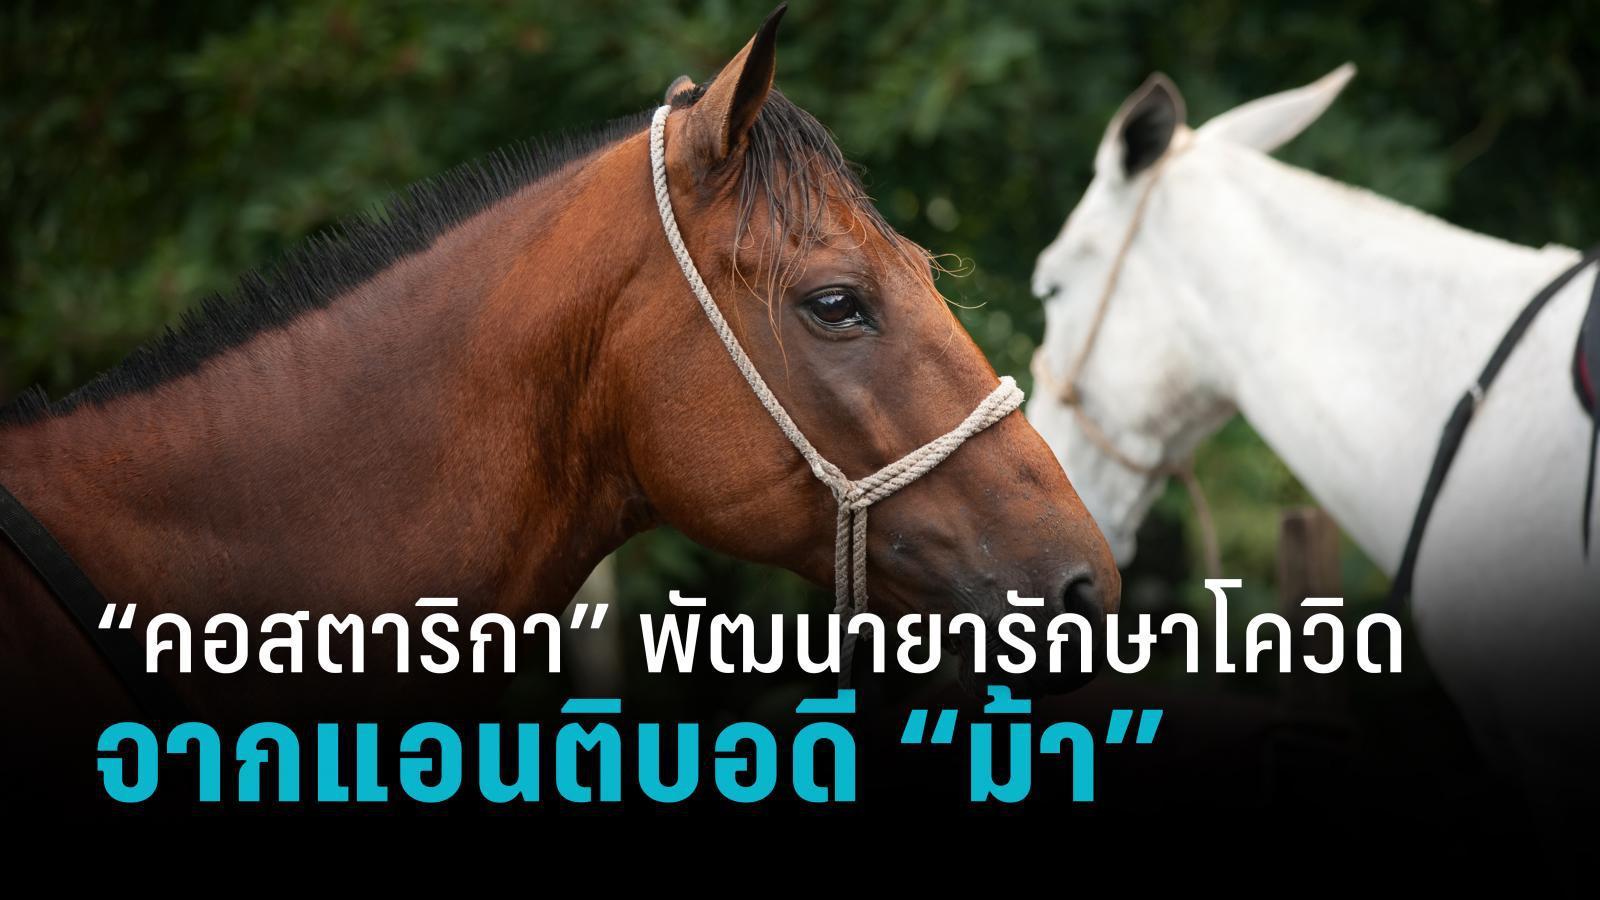 คอสตาริกาพัฒนายารักษาโควิด-19 ด้วยแอนติบอดีจากม้า